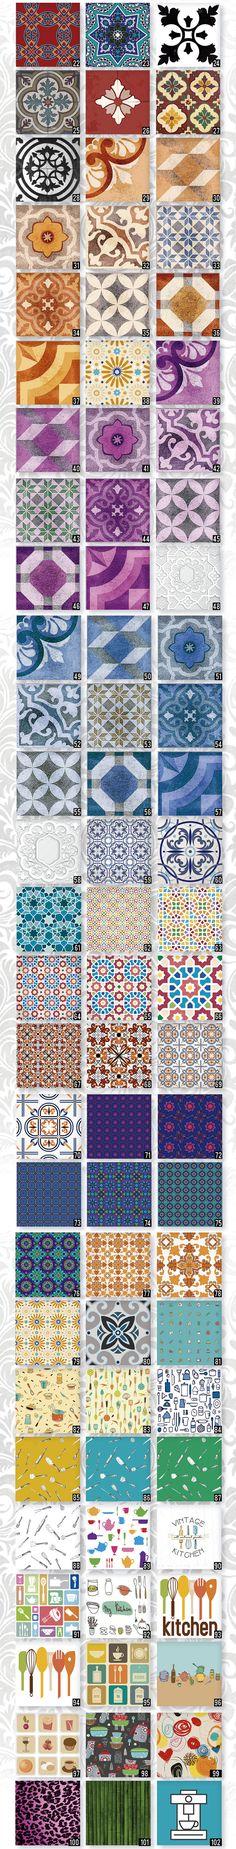 Vinilos Decorativos Para Azulejos. Cocina. Baño. Pack Por 12 - $ 99,99